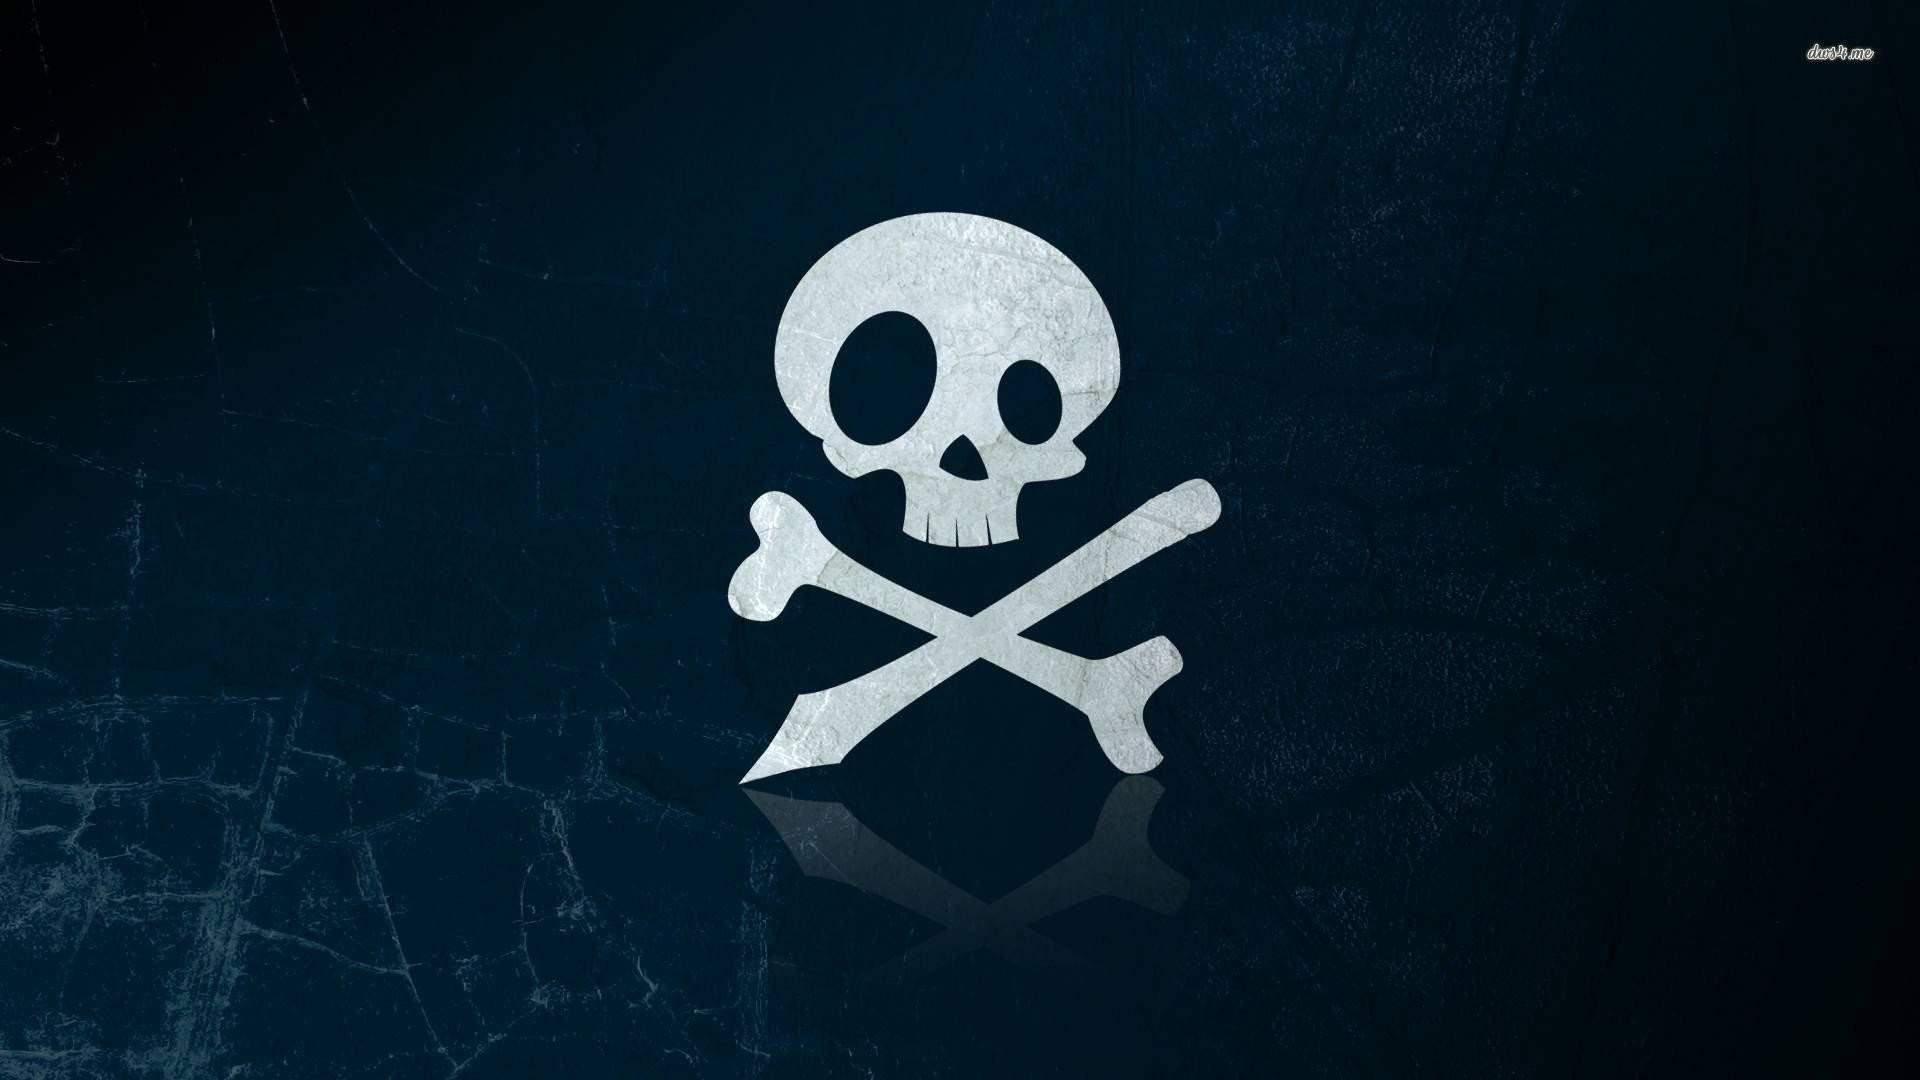 Skull And Crossbones 726501 …